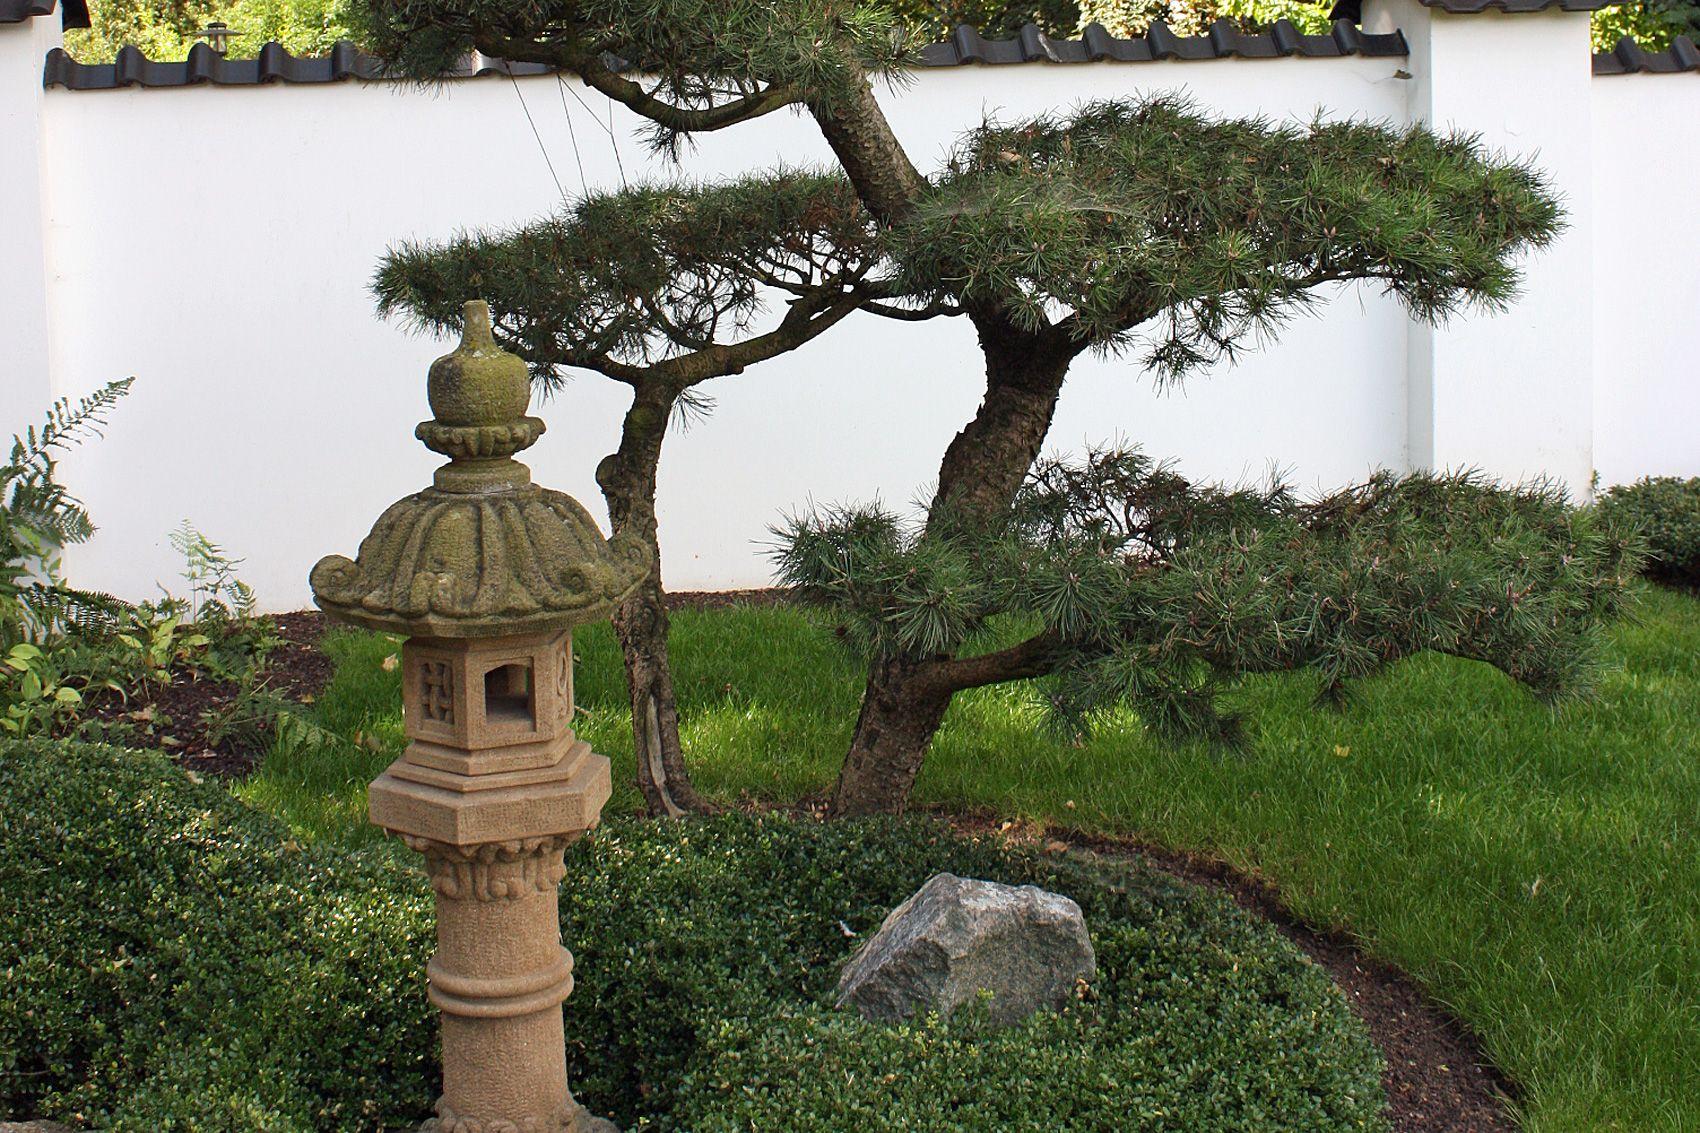 Pflanzen Mit Fernostlichem Flair Asia Und Japangarten Haben Eine Sehr Alte Kultur Hier Finden Sie Passenden Pflanzen Pflanzen Japanischer Garten Gartenarten